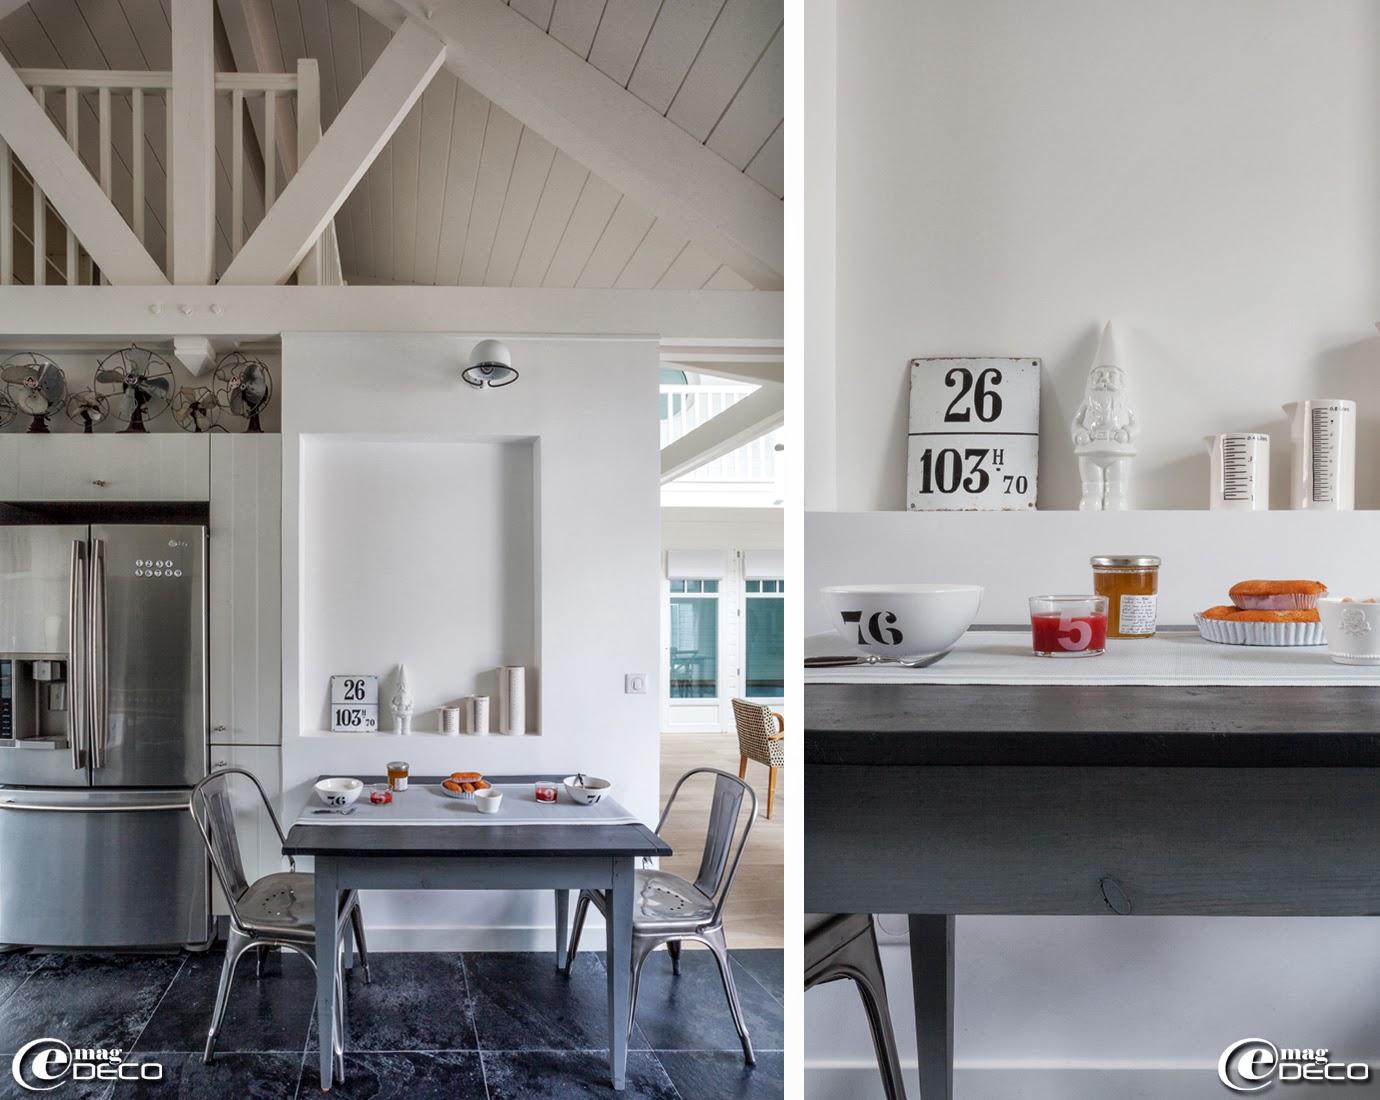 Table, chaises Tolix et lampe Jieldé, chinées chez Metal & Woods', vaisselle, verres numérotés, nain de jardin blanc en provenance de la boutique 'La Vie en Gris Souris' à Montesson